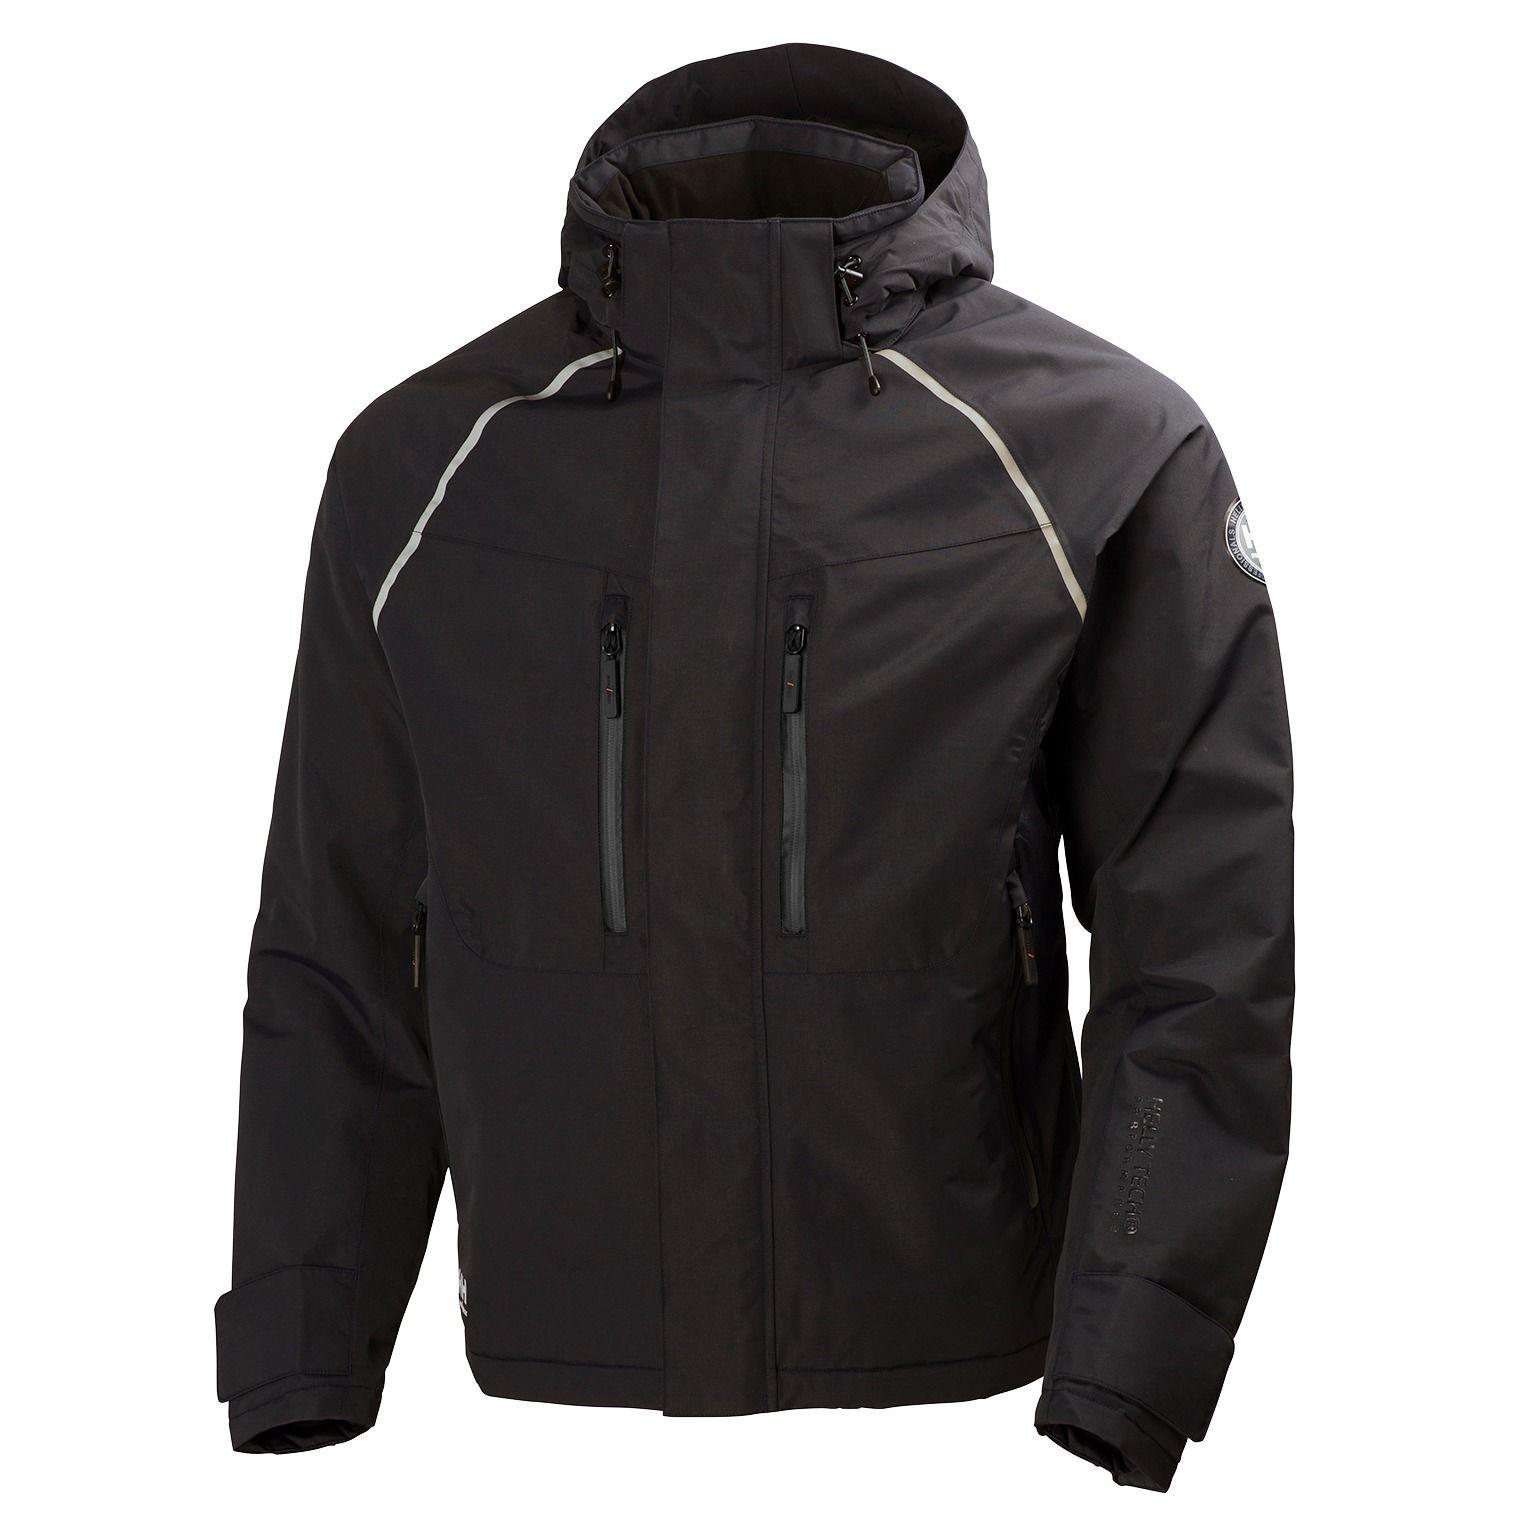 Куртка Helly Hansen Arctic Jacket - 71335 (Black; L)